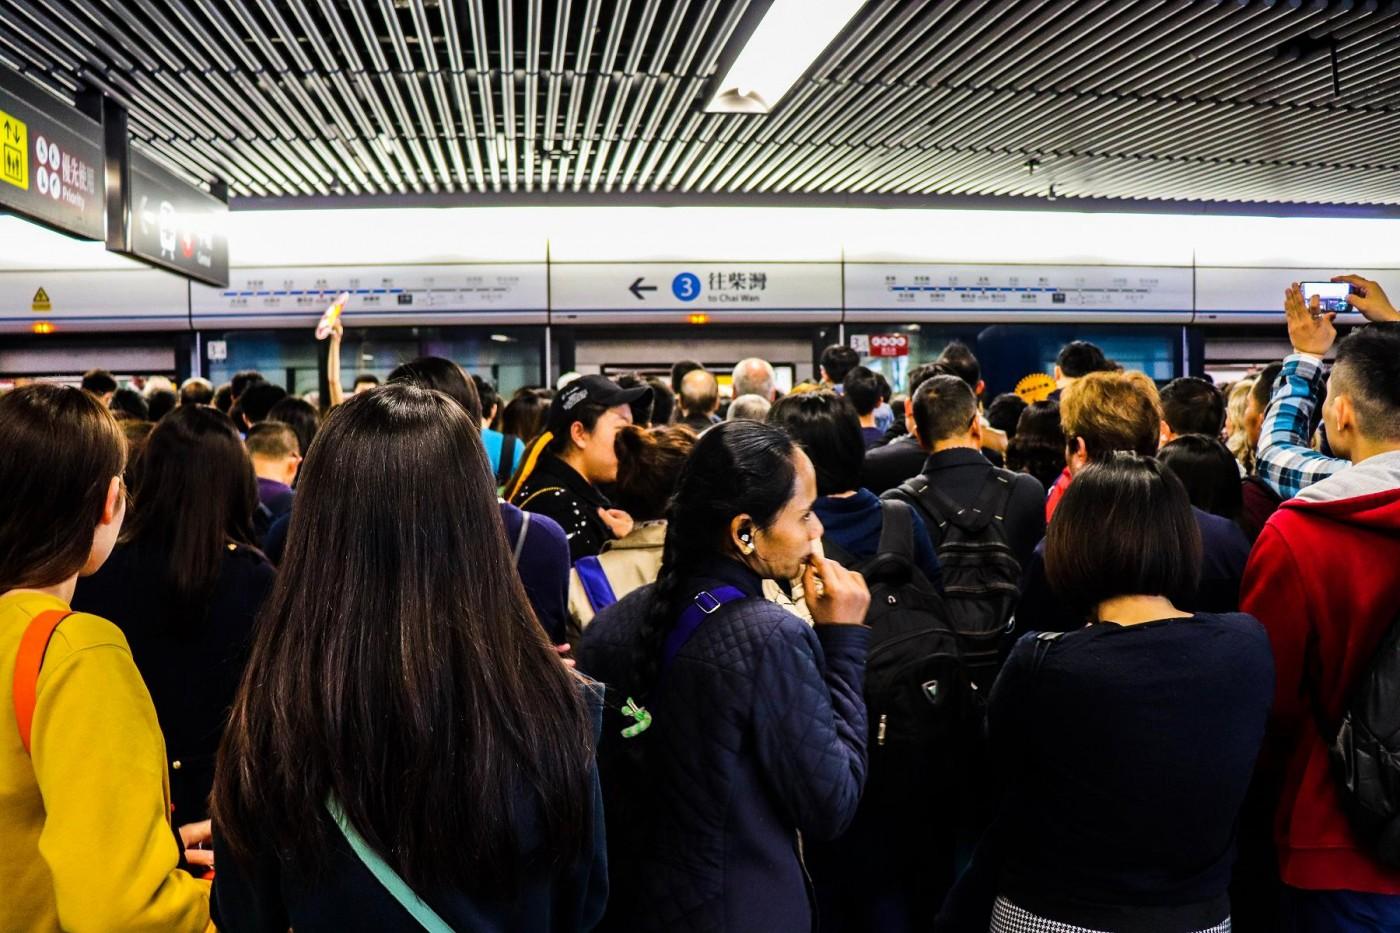 阻擋民眾對虛擬貨幣投資,來看香港如何鋪天蓋地宣導ICO風險